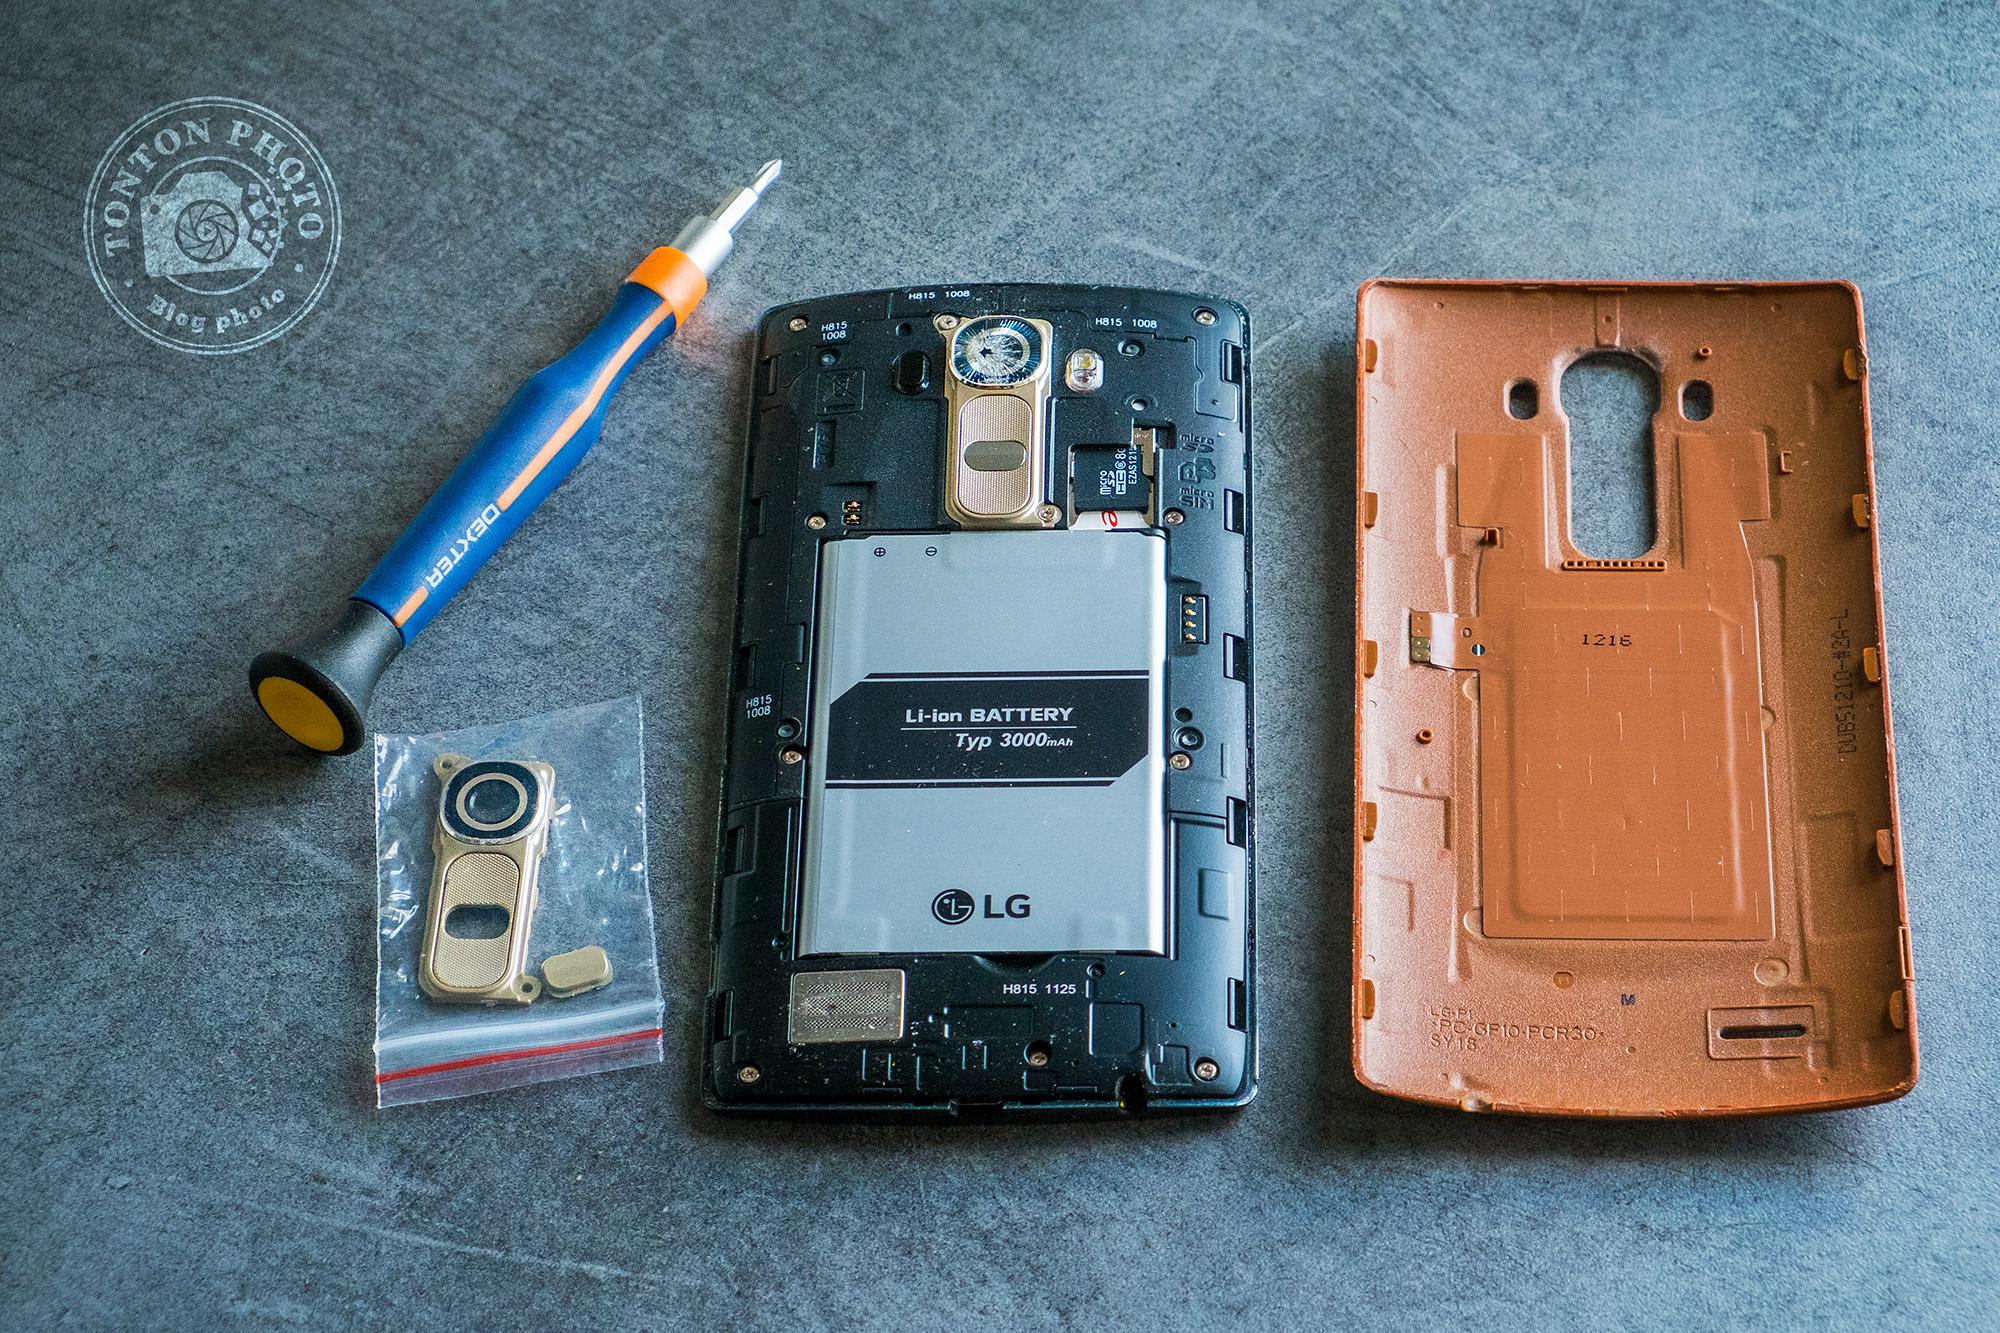 Opération à coeur ouvert du LG G4 pour remplacer la lentille cassée de son appareil photo par une nouvelle pièce détachée (emballée à gauche)  © Clément Racineux / Tonton Photo